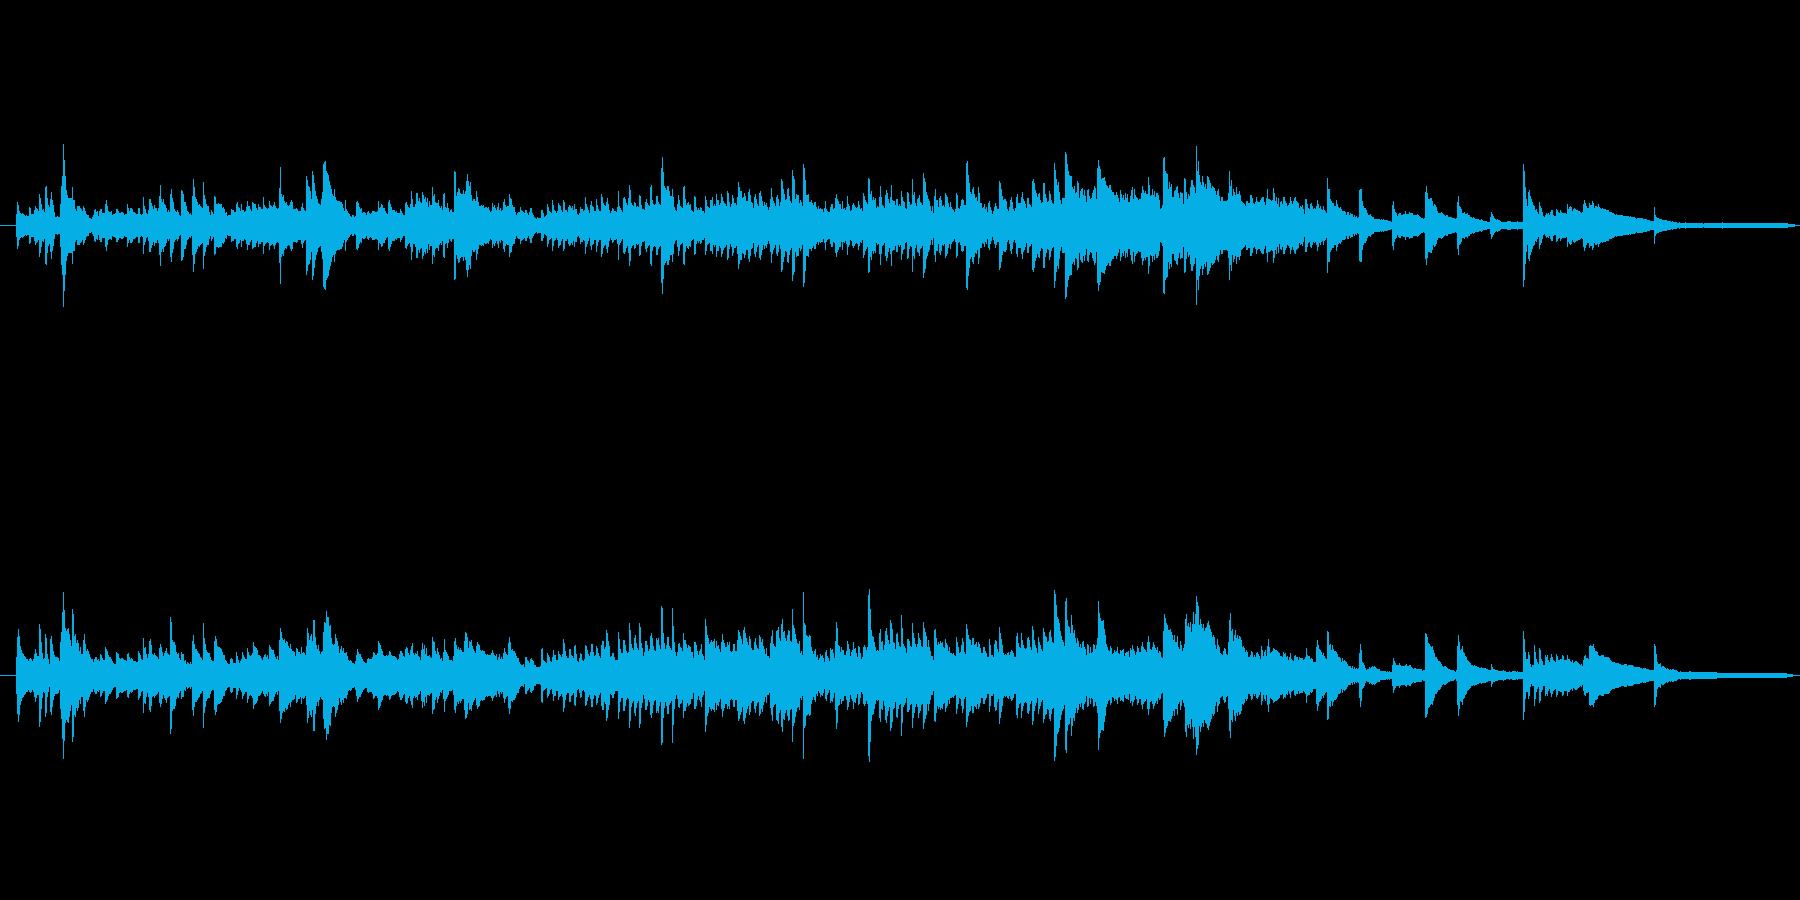 ファンタジーな雰囲気の静かなピアノ曲の再生済みの波形